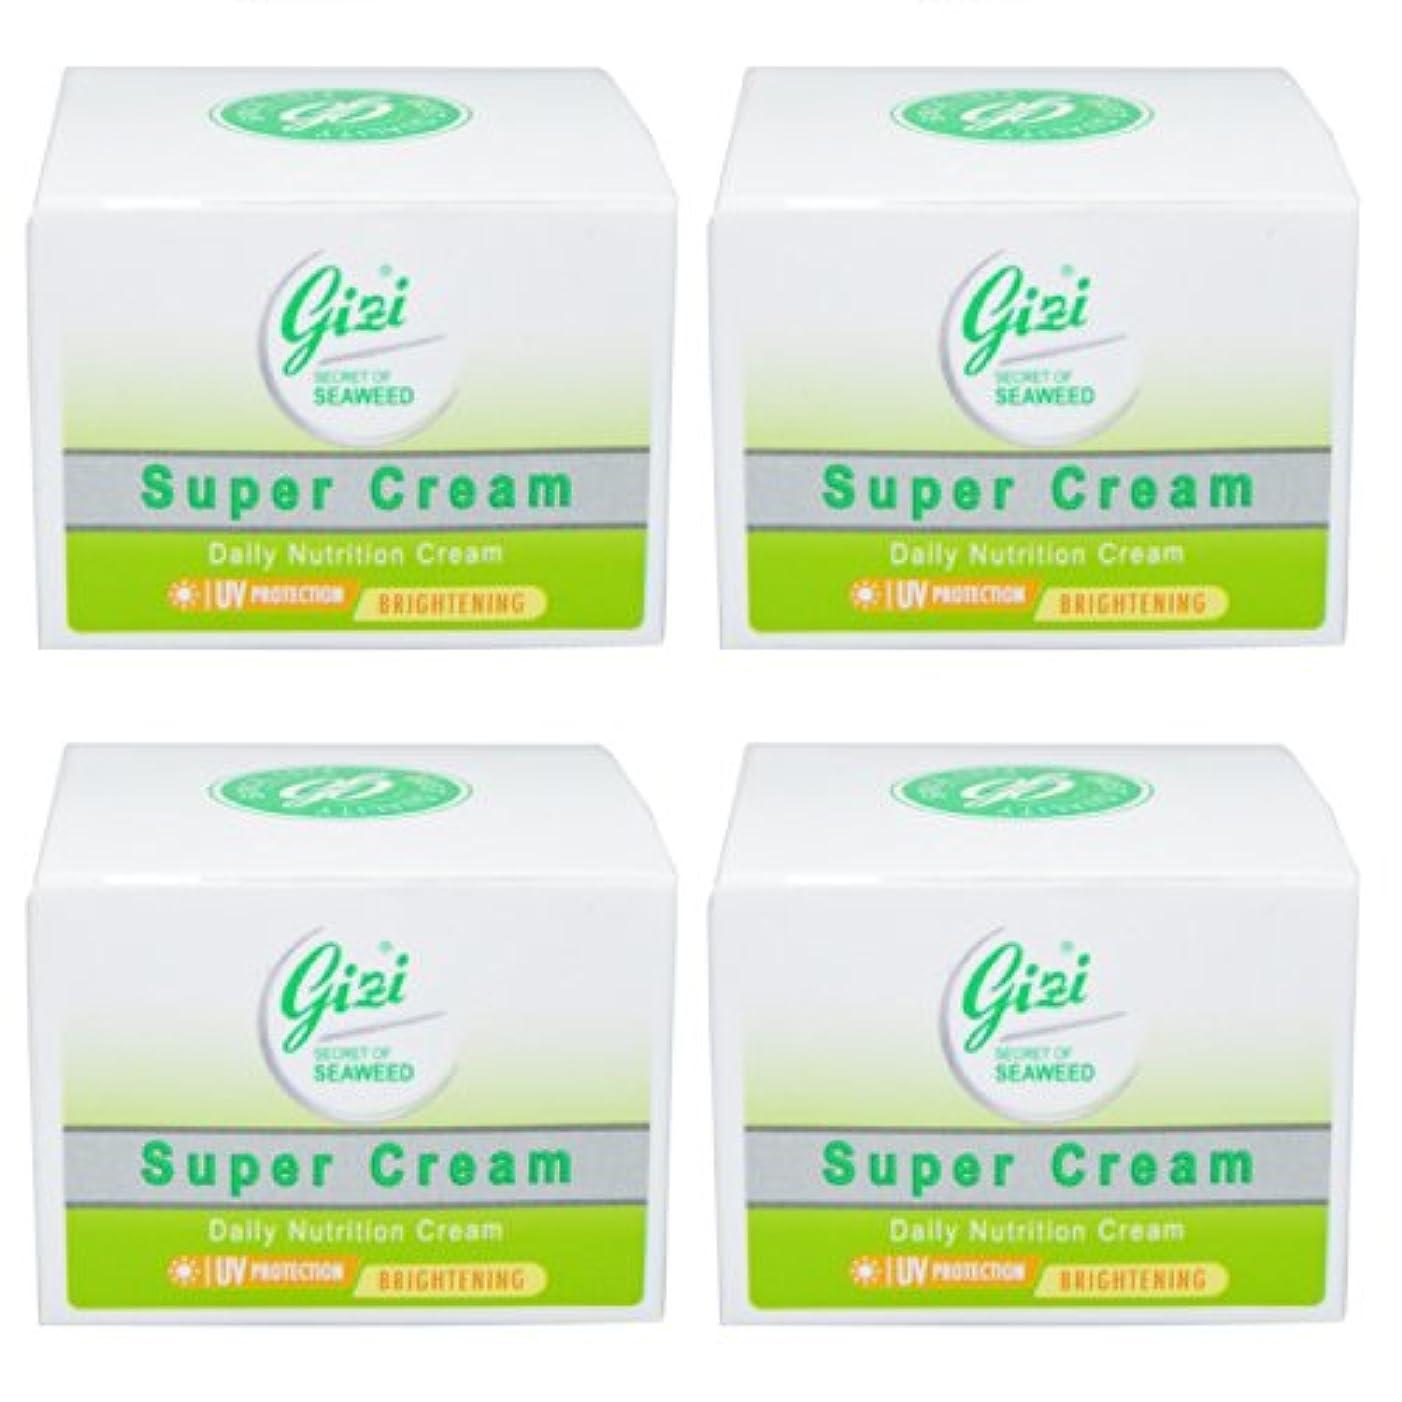 バナナ置くためにパック無駄にGIZI Super Cream(ギジ スーパークリーム)フェイスクリーム9g 4個セット[並行輸入品][海外直送品]